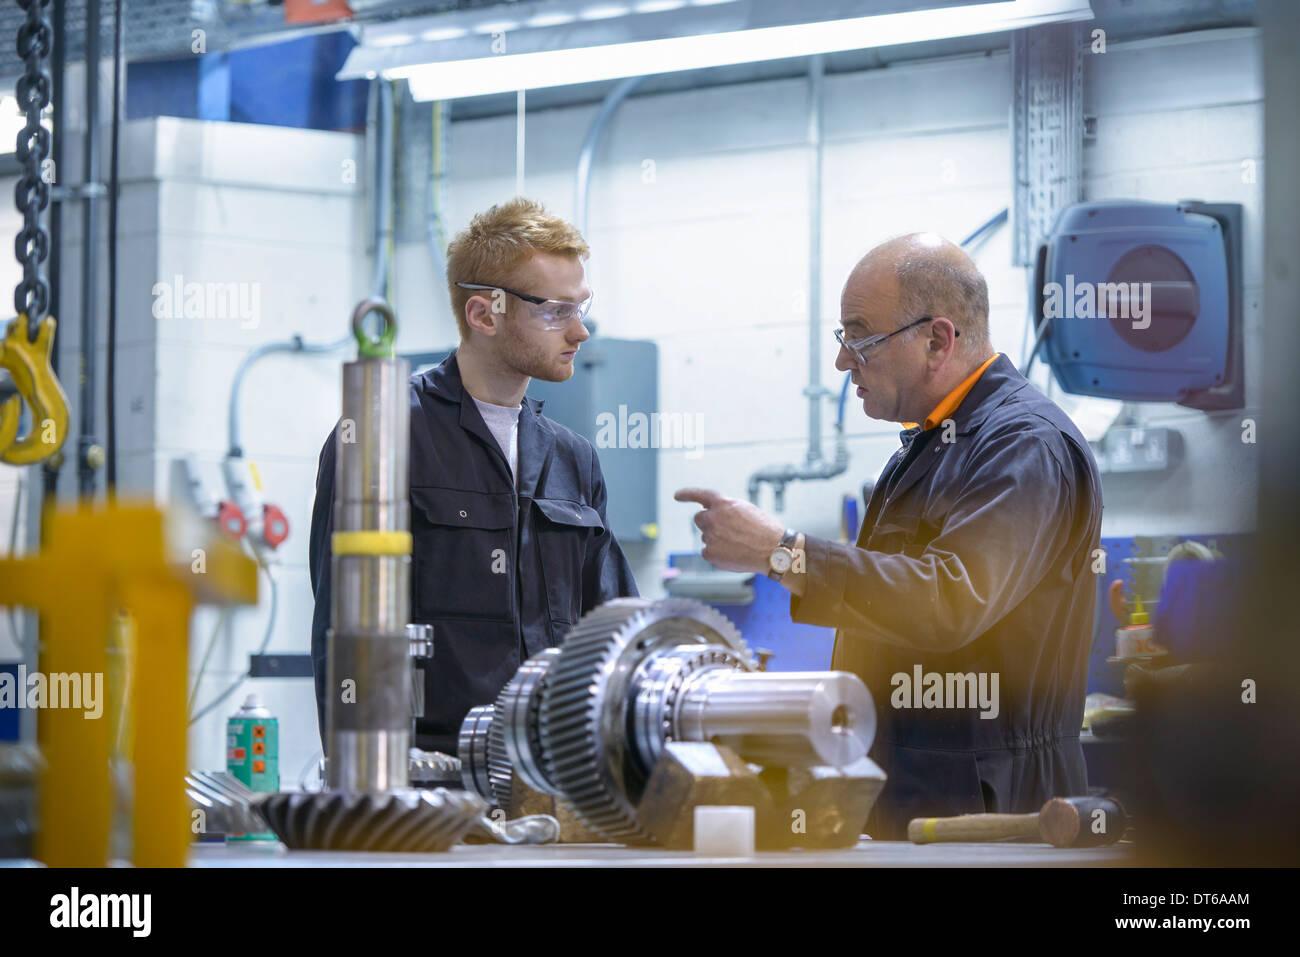 Instruyendo ingeniero aprendiz en la estación de trabajo en la fábrica. Imagen De Stock